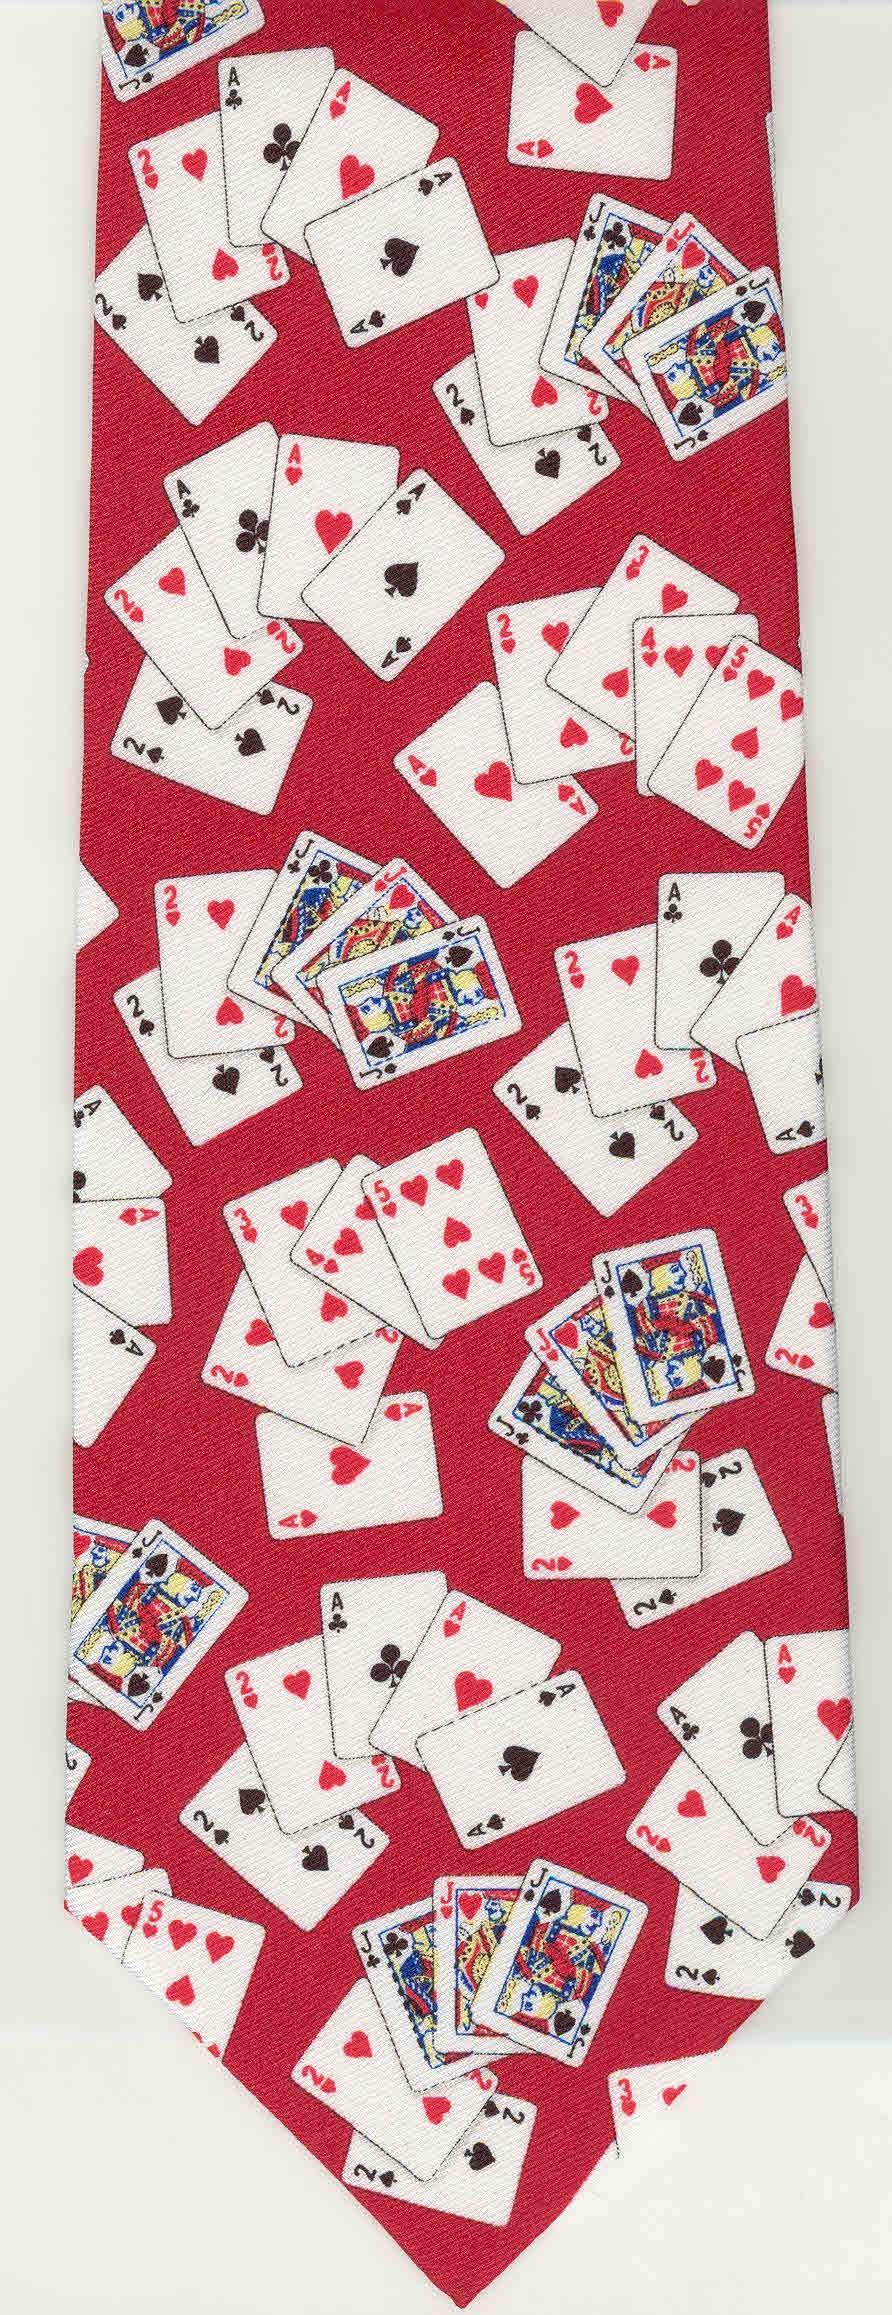 016 Poker Hands Diff (R).jpg